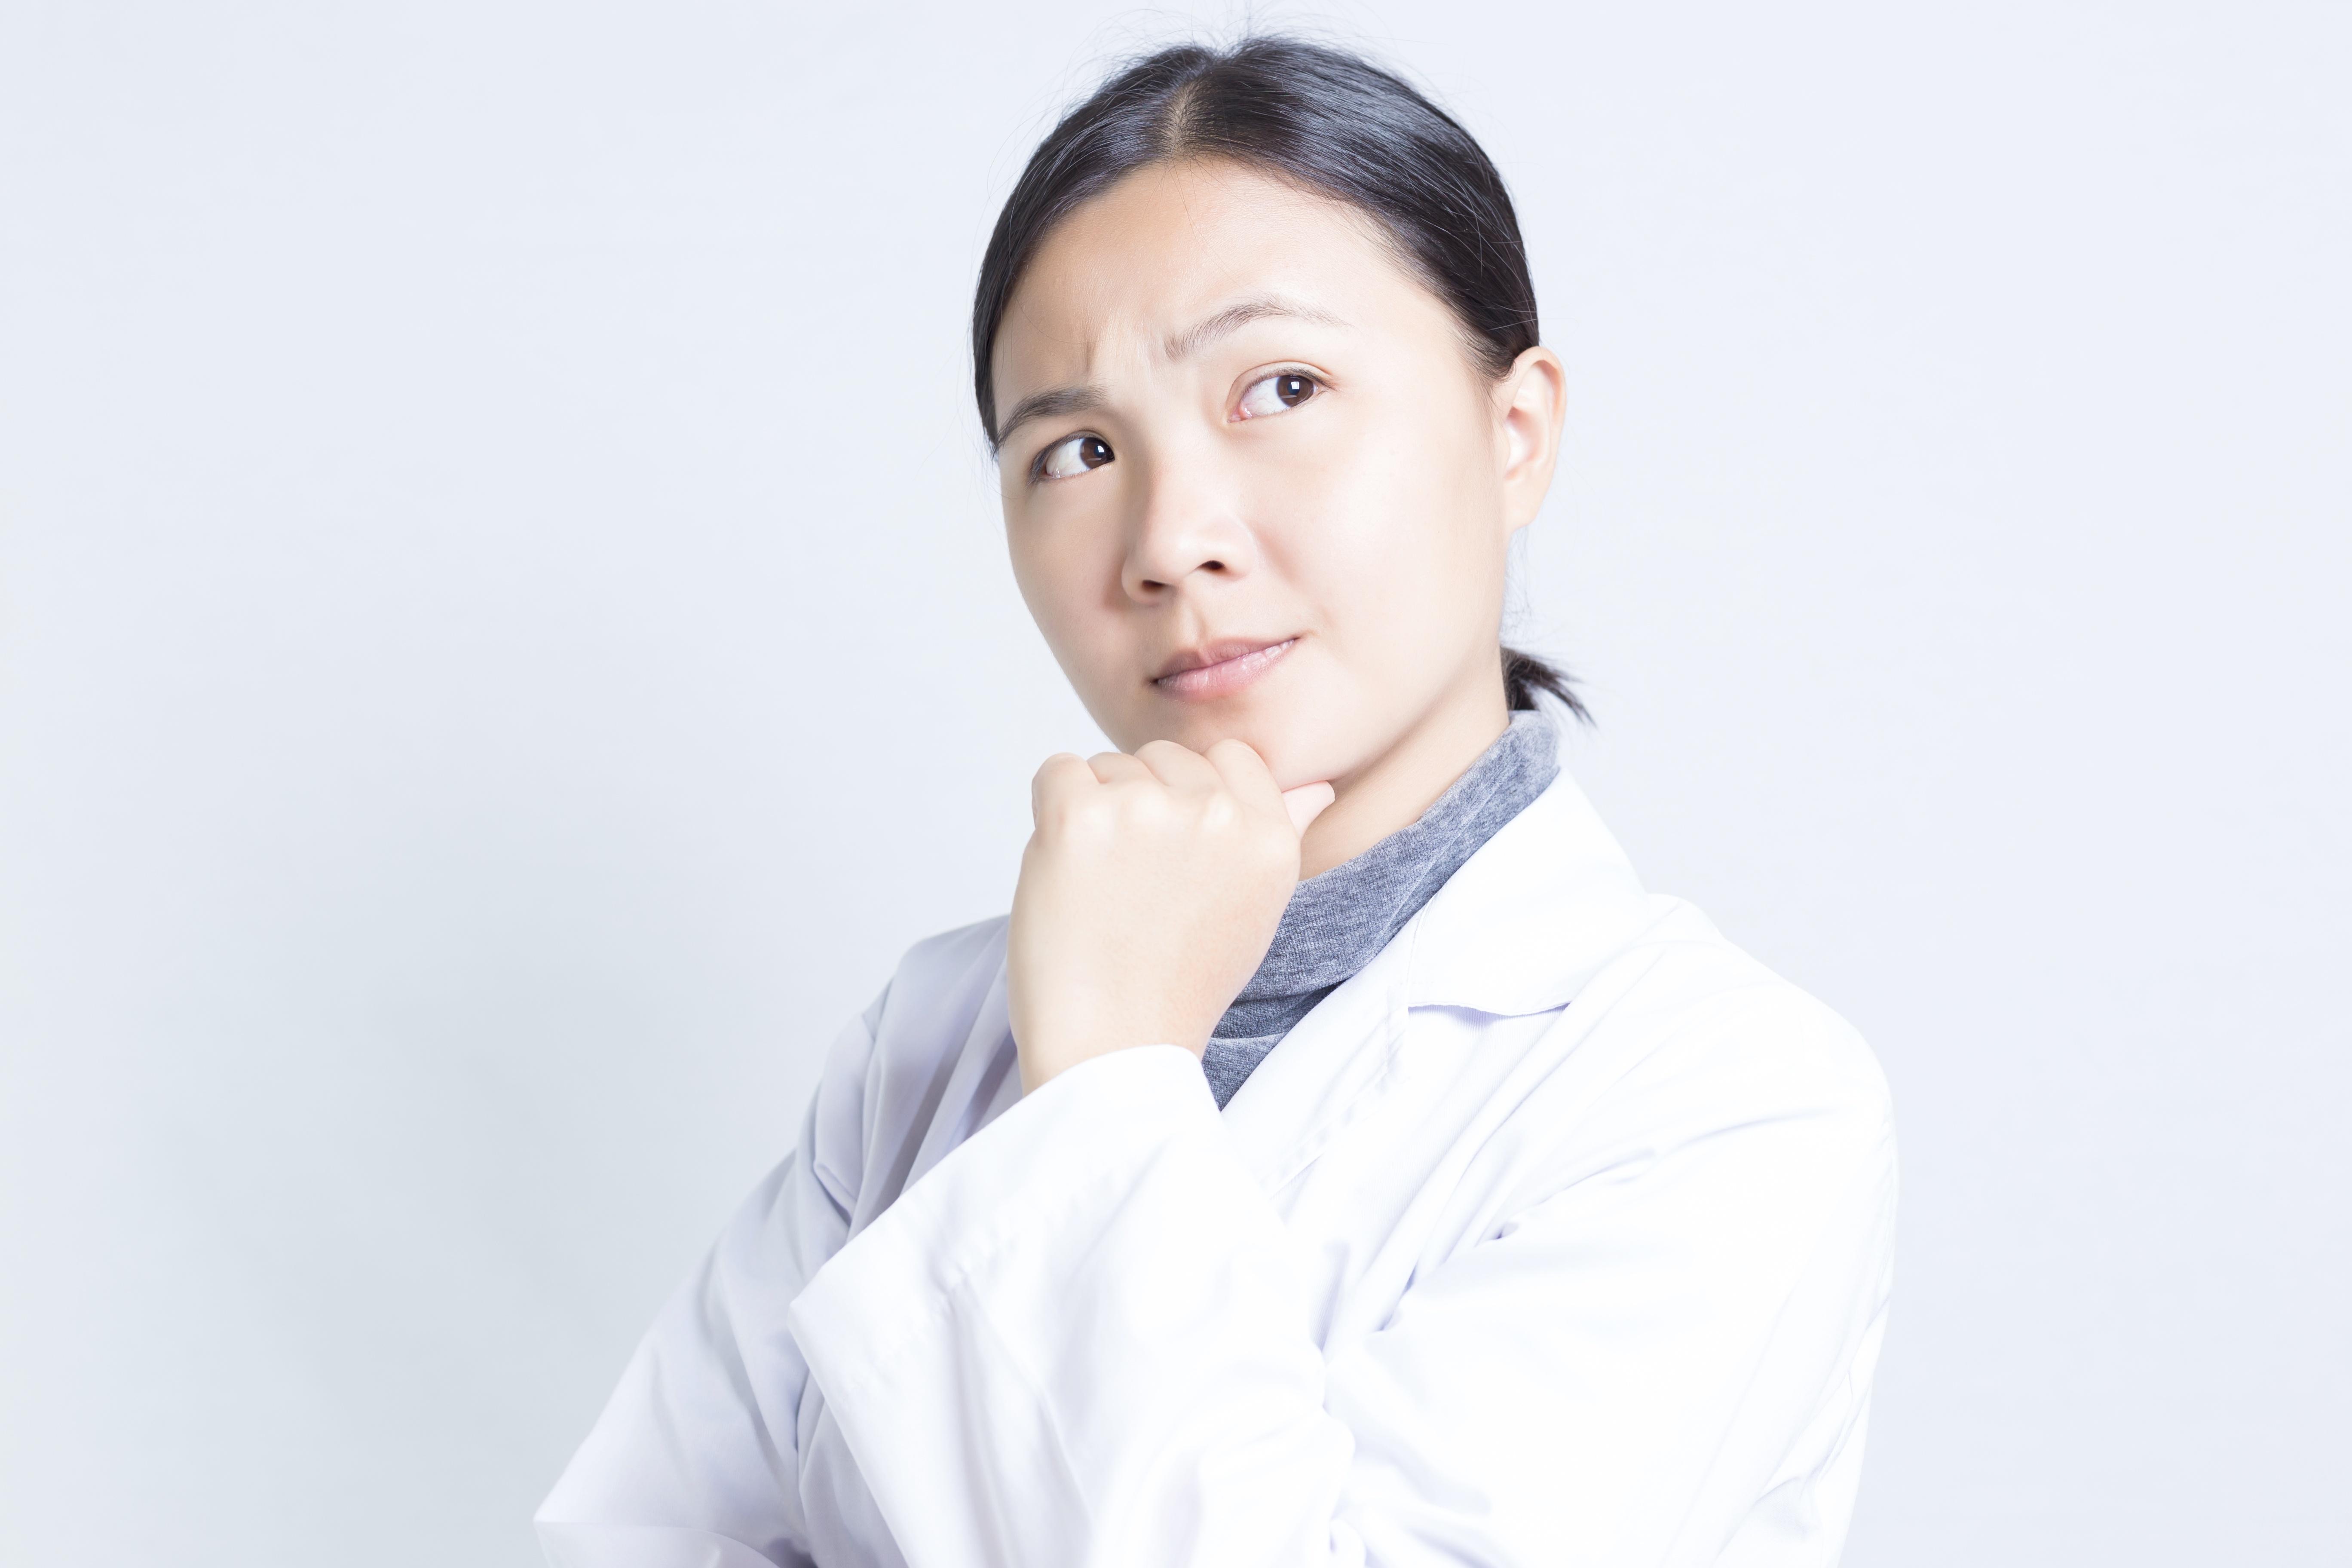 Female_Scientist.jpg